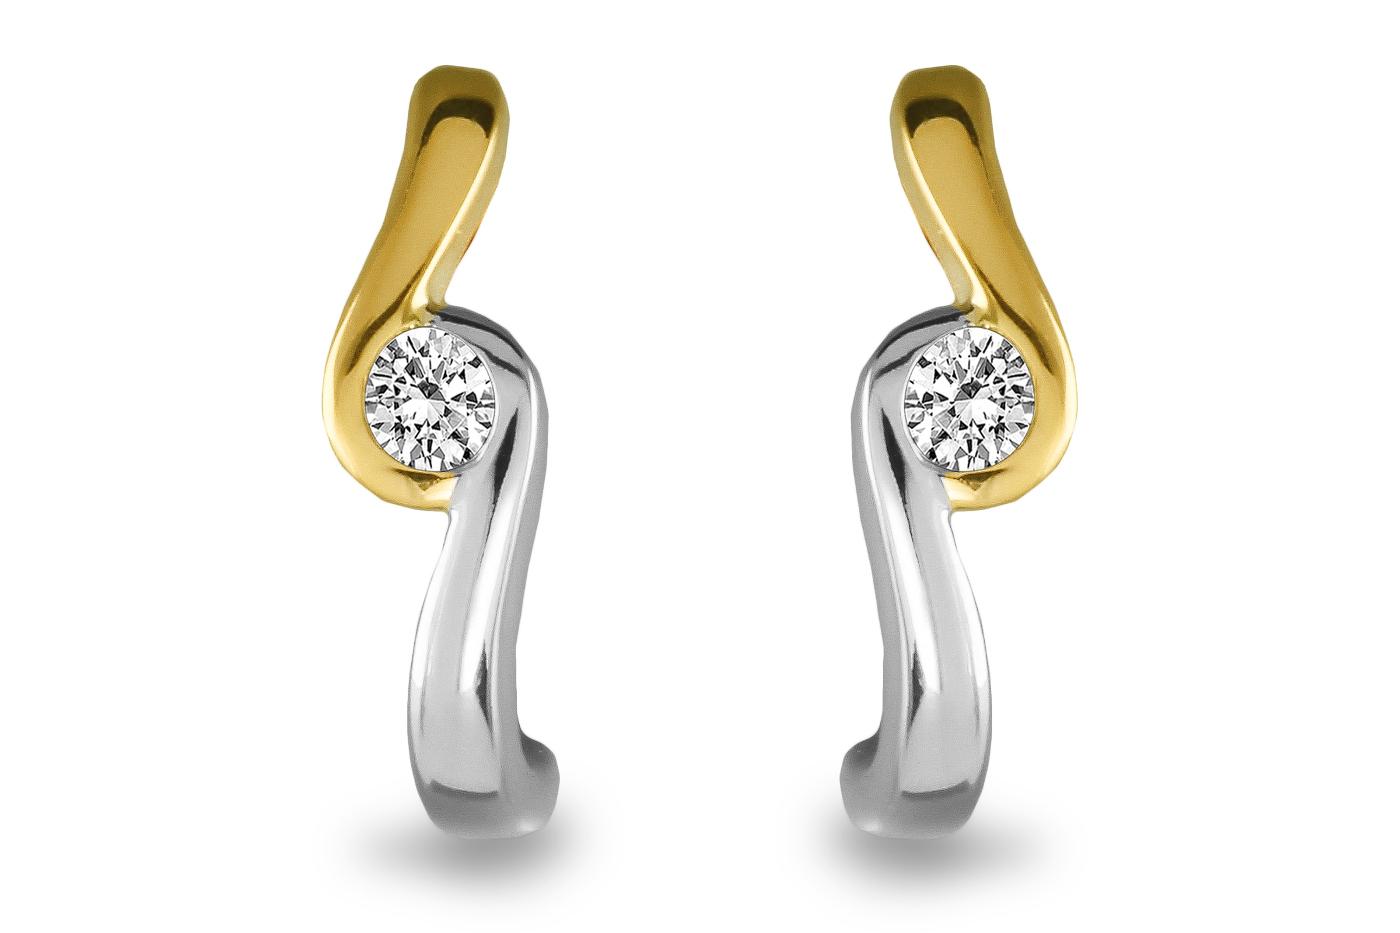 Gouden bicolor oorknoppen SOL-M943-010-G2